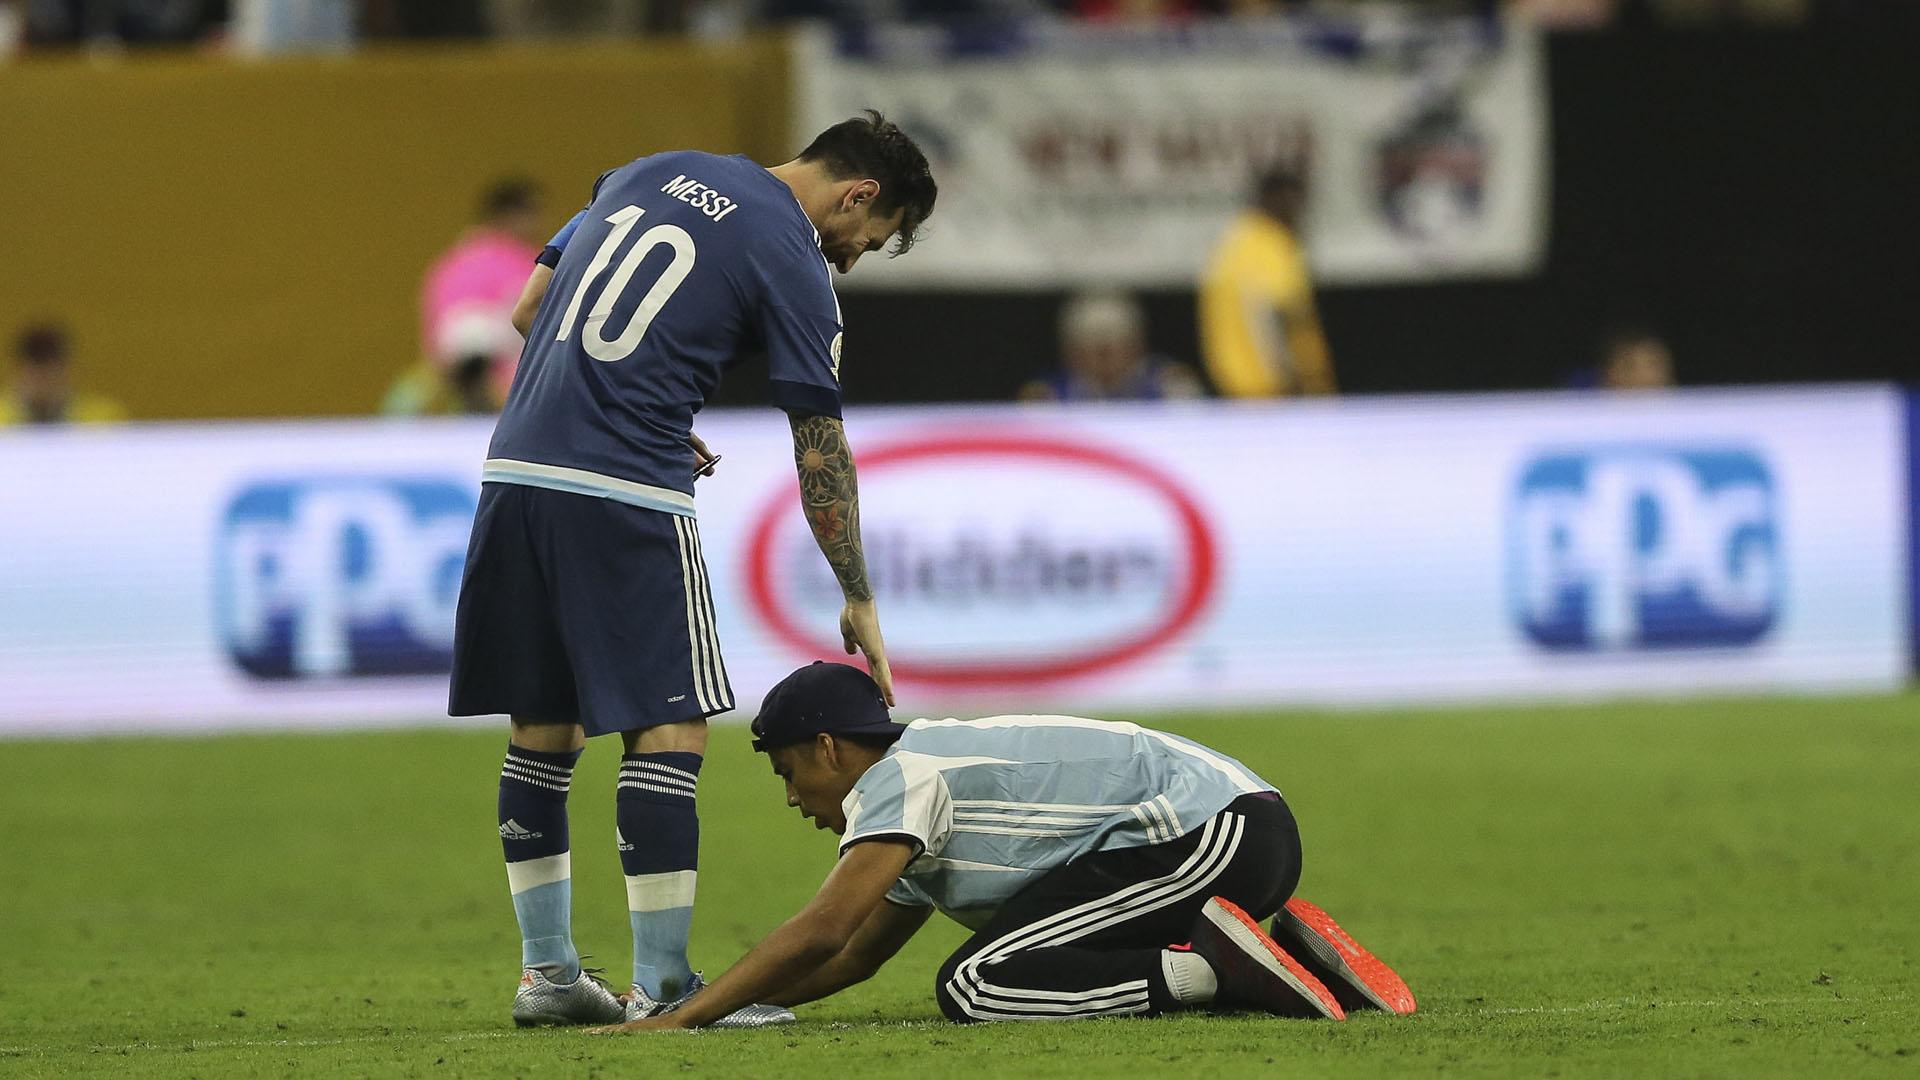 Un fanático del fútbol eludió la seguridad y corrió hastaabrazar aLionel Messi en plena semifinal de la Copa América entre Argentina y Estados Unidos (EFE)